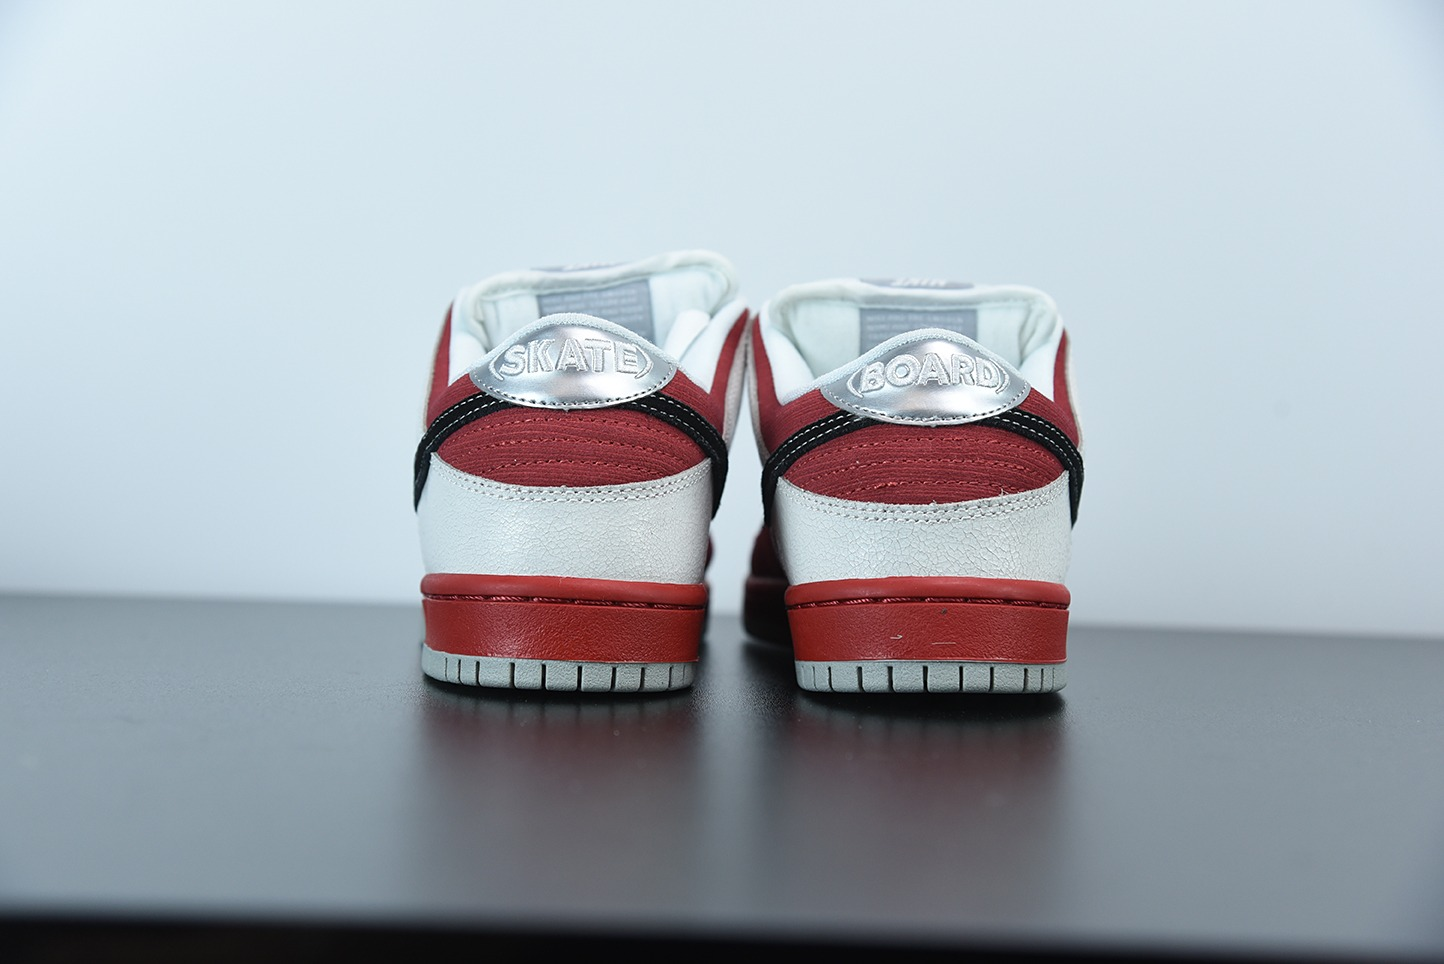 耐克 Nike Dunk SB Low Roller Derby 滑板女郎石爆裂纹低帮休闲板鞋纯原版本 货号:313170-601